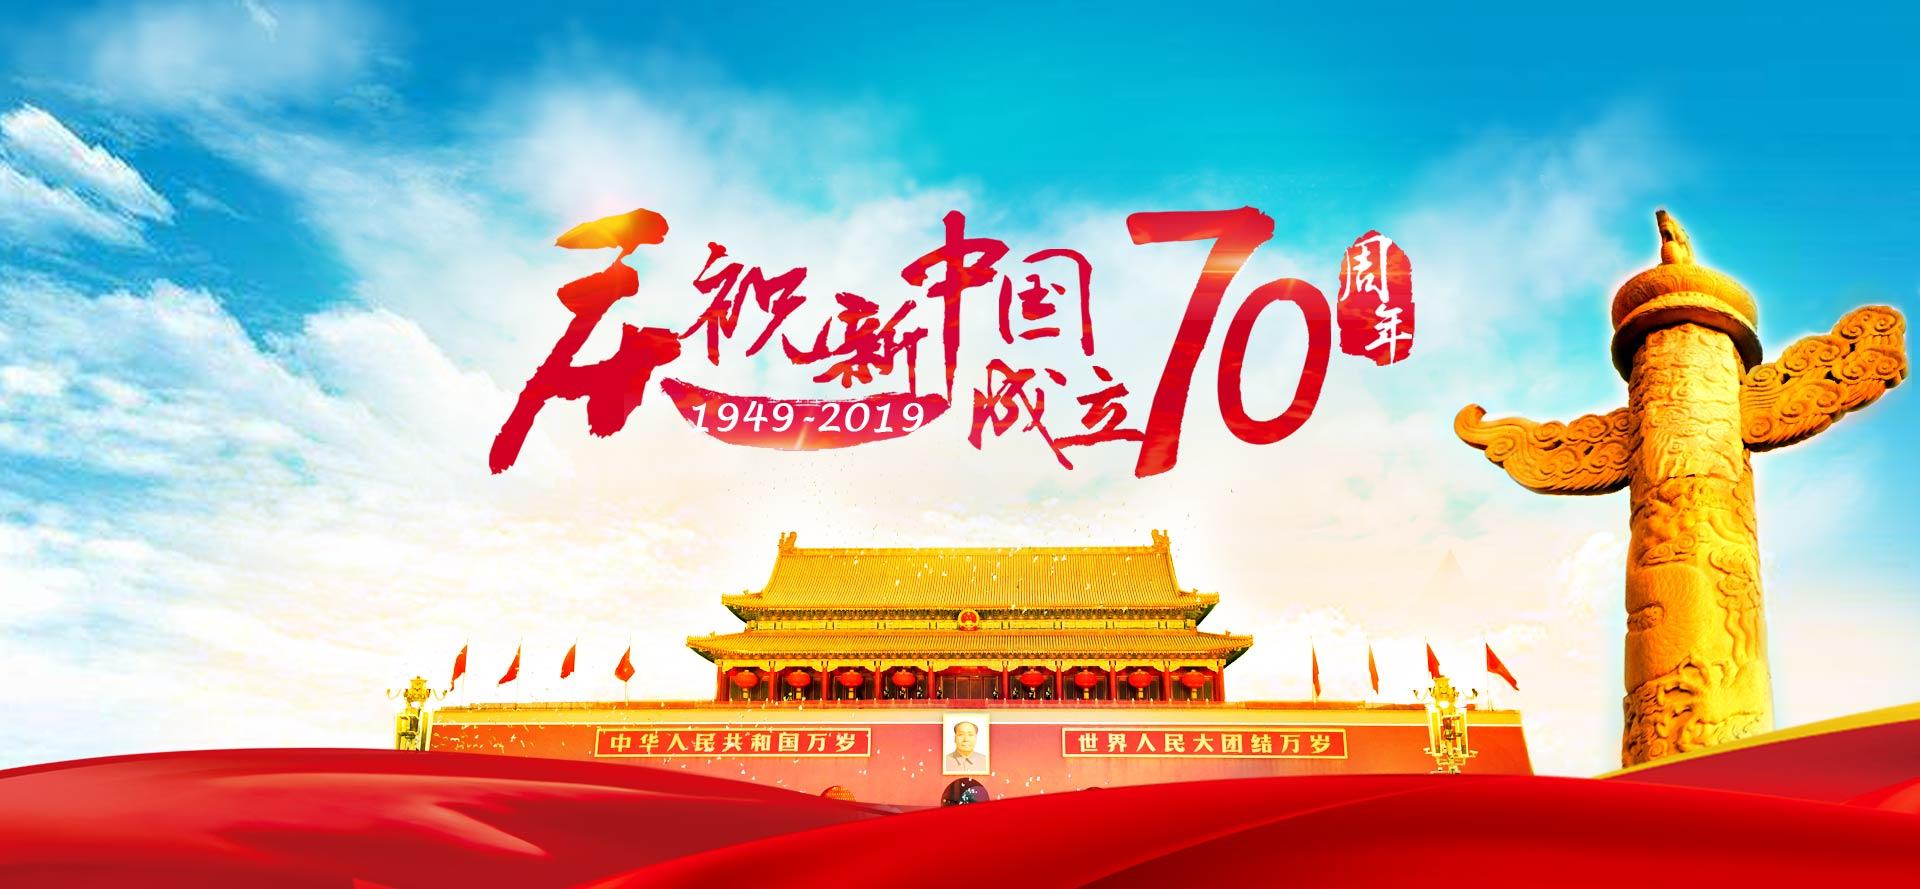 热烈庆祝中华人民共和国华诞70周年!-学霸时光机